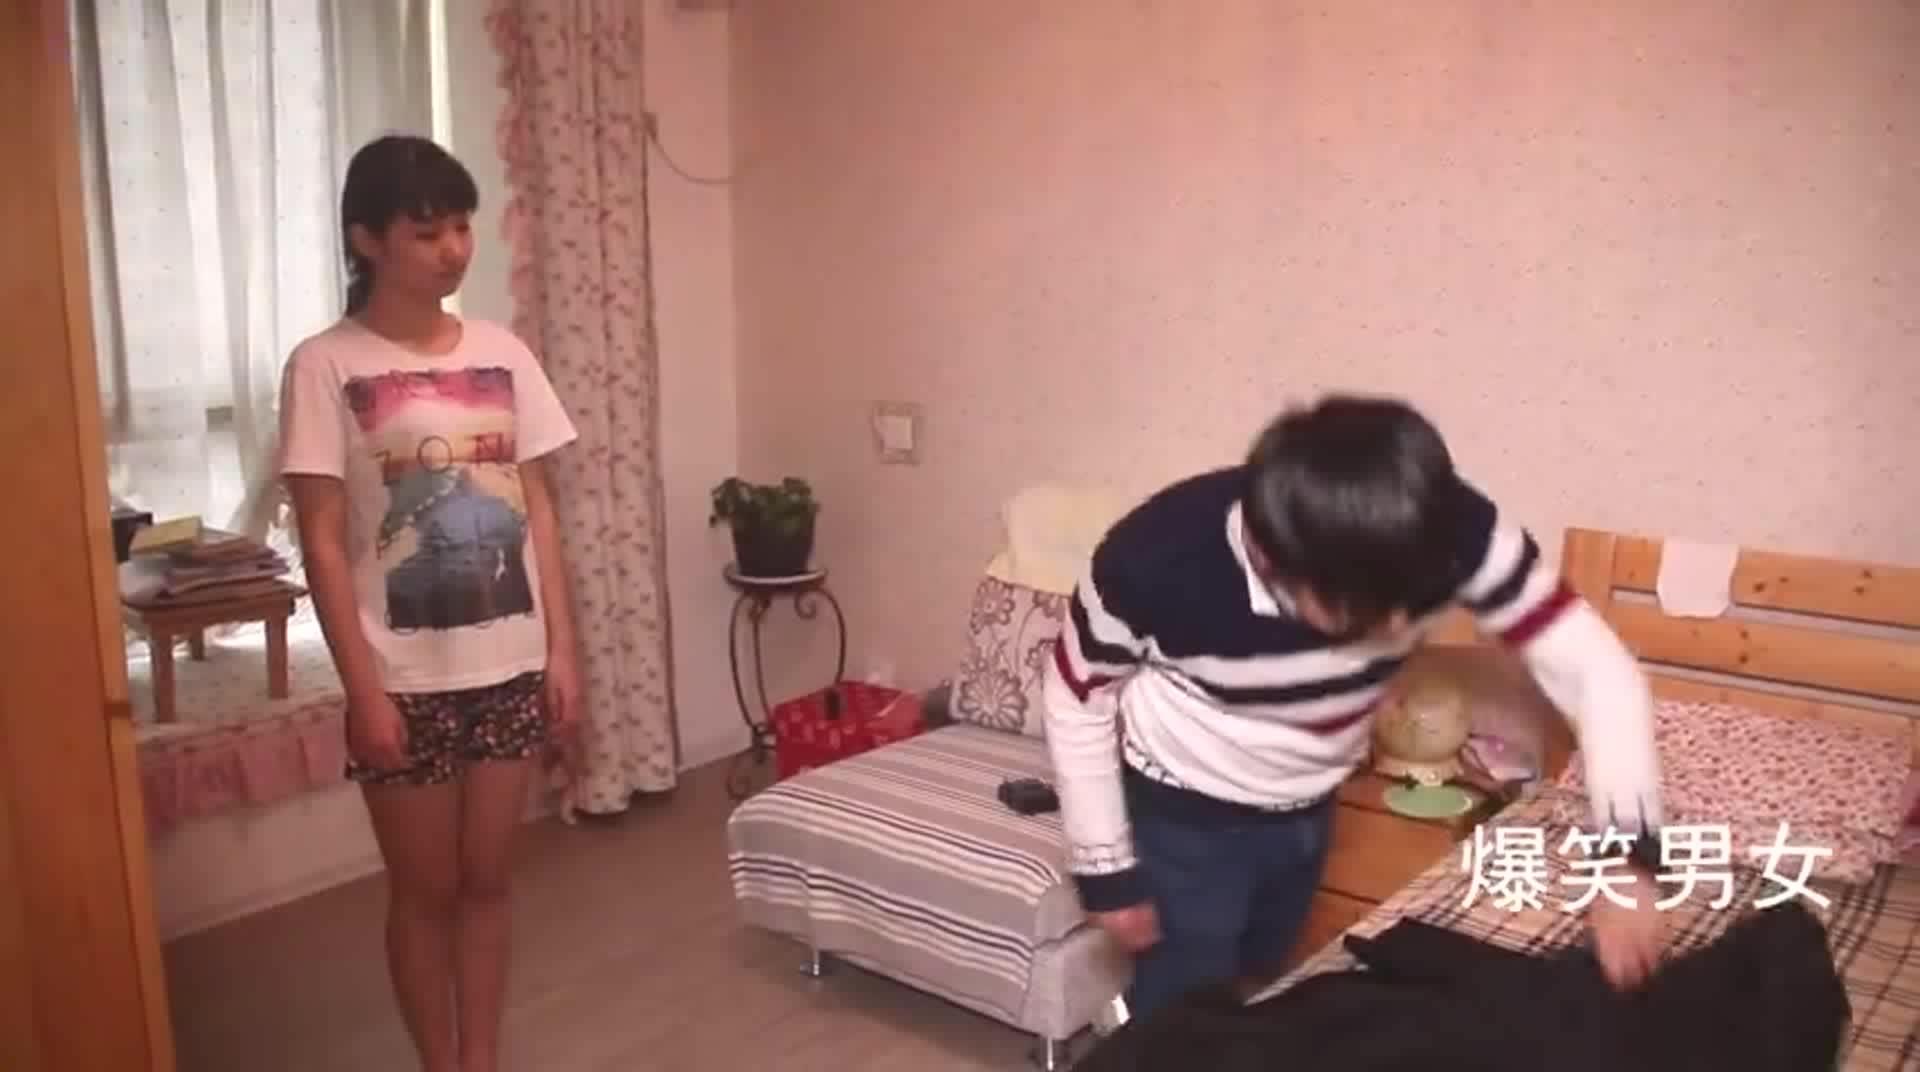 #搞笑趣事#老王出差留媳妇一个人在家,这下赔了夫人又折兵